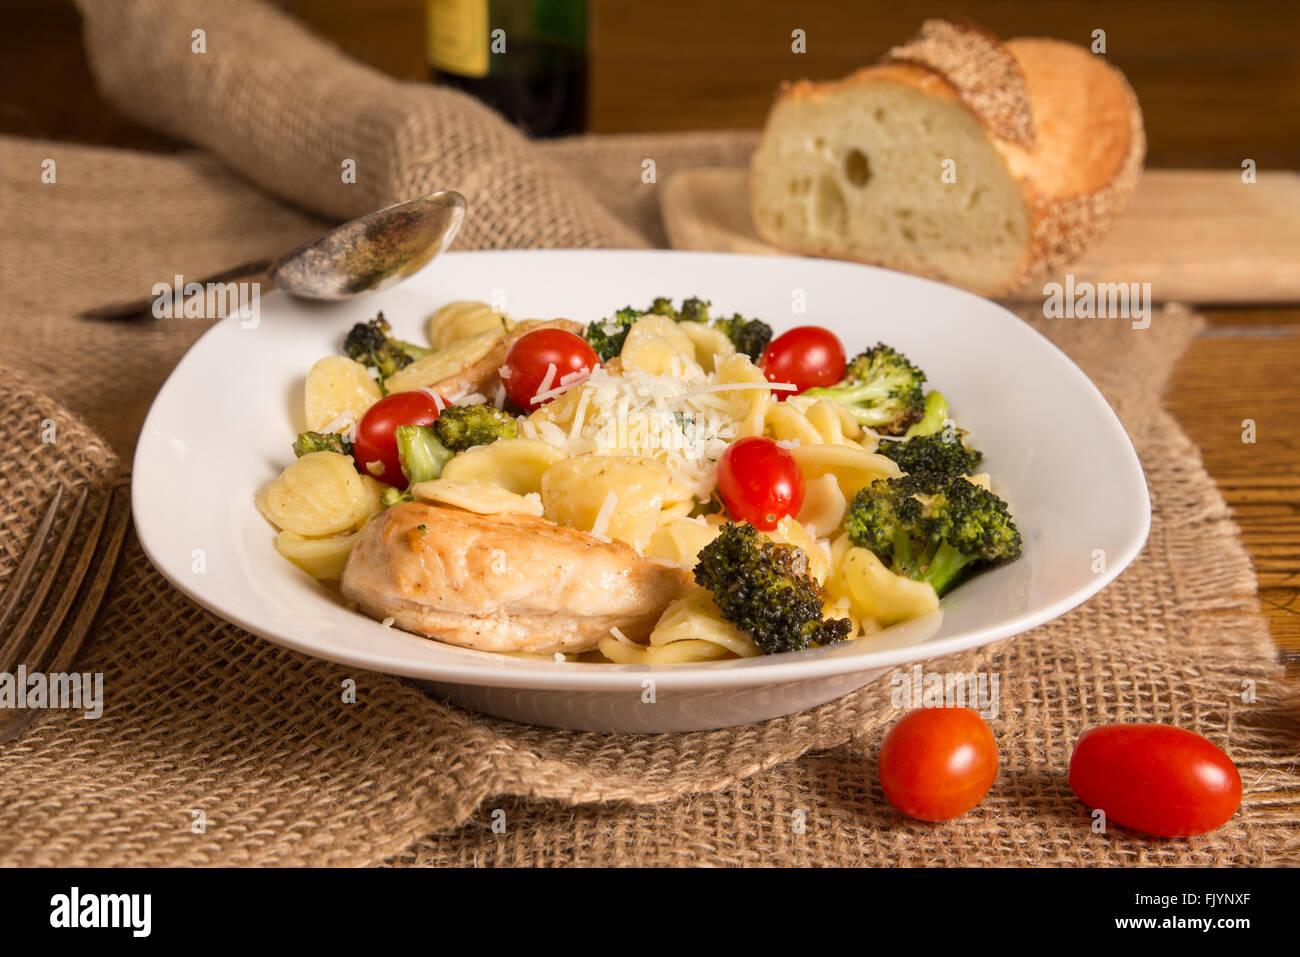 Repas italien authentique avec des pâtes orecchiette, poulet, brocoli, tomates. Miche de pain italien et bouteille Photo Stock